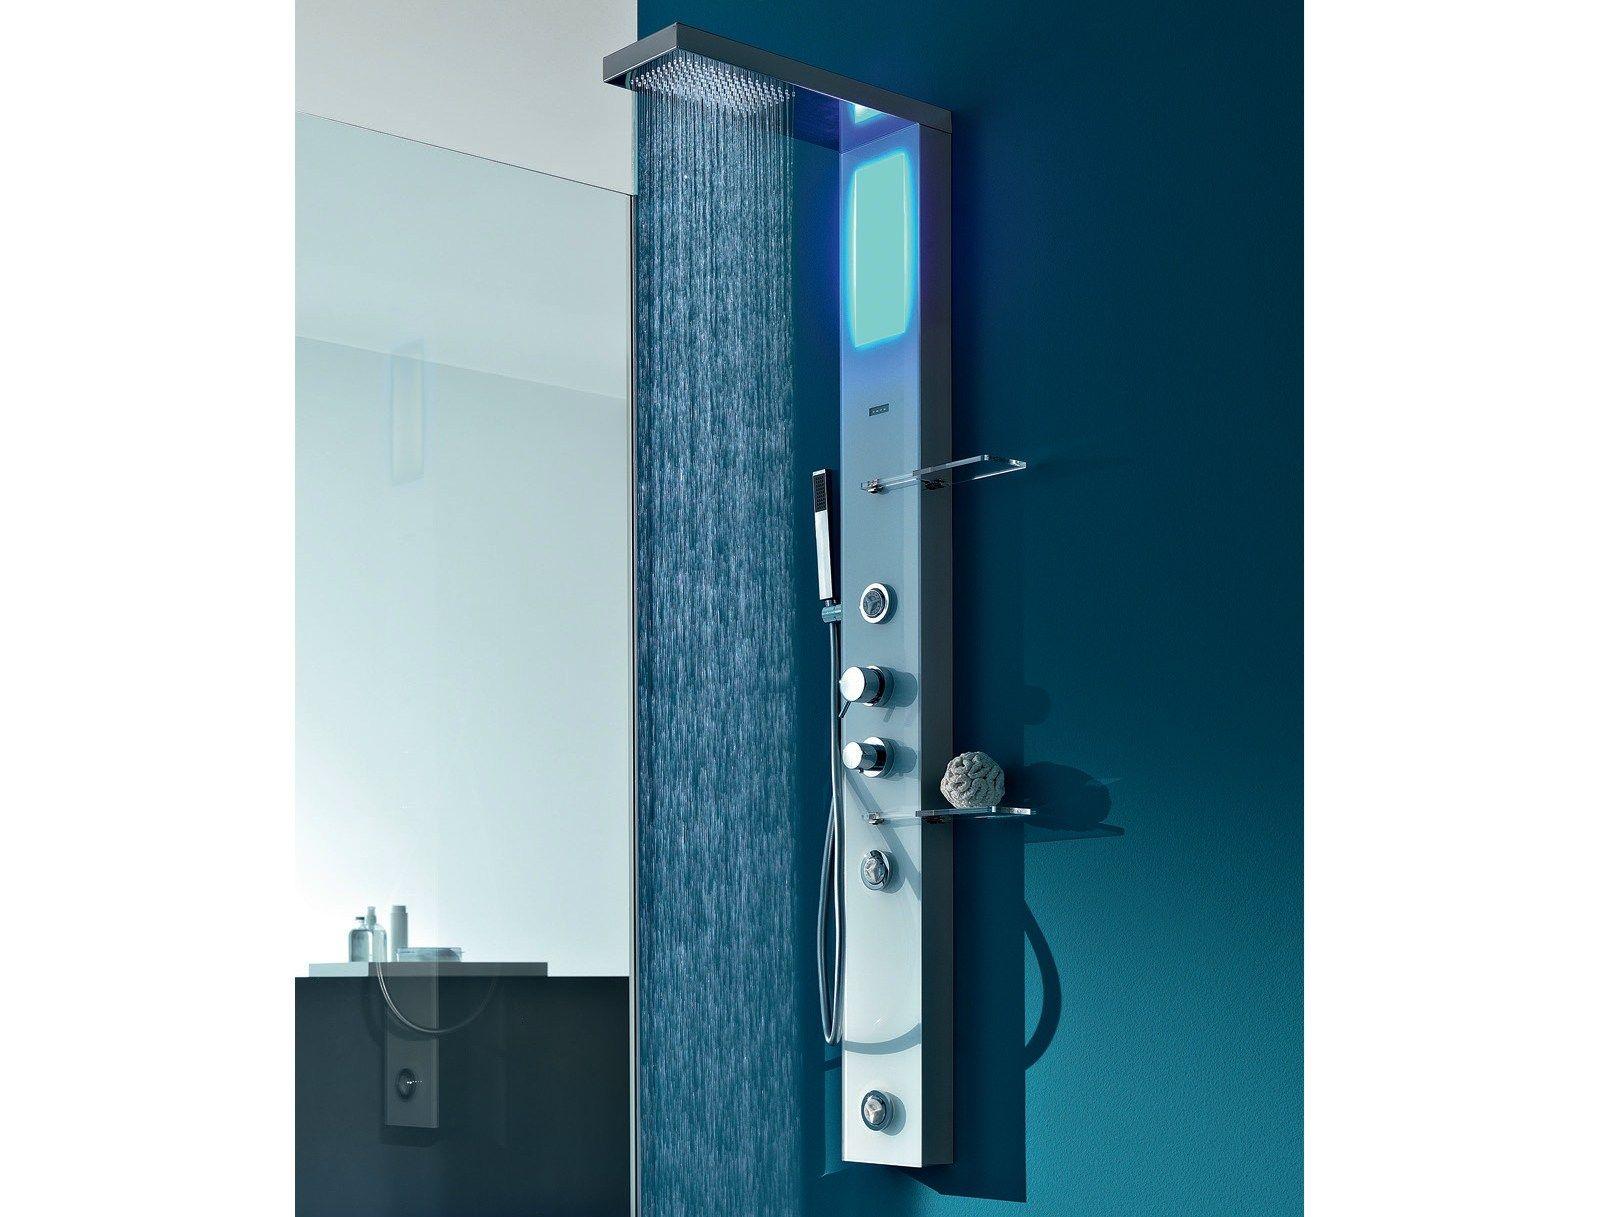 Colonna doccia idromassaggio ~ avienix.com for .